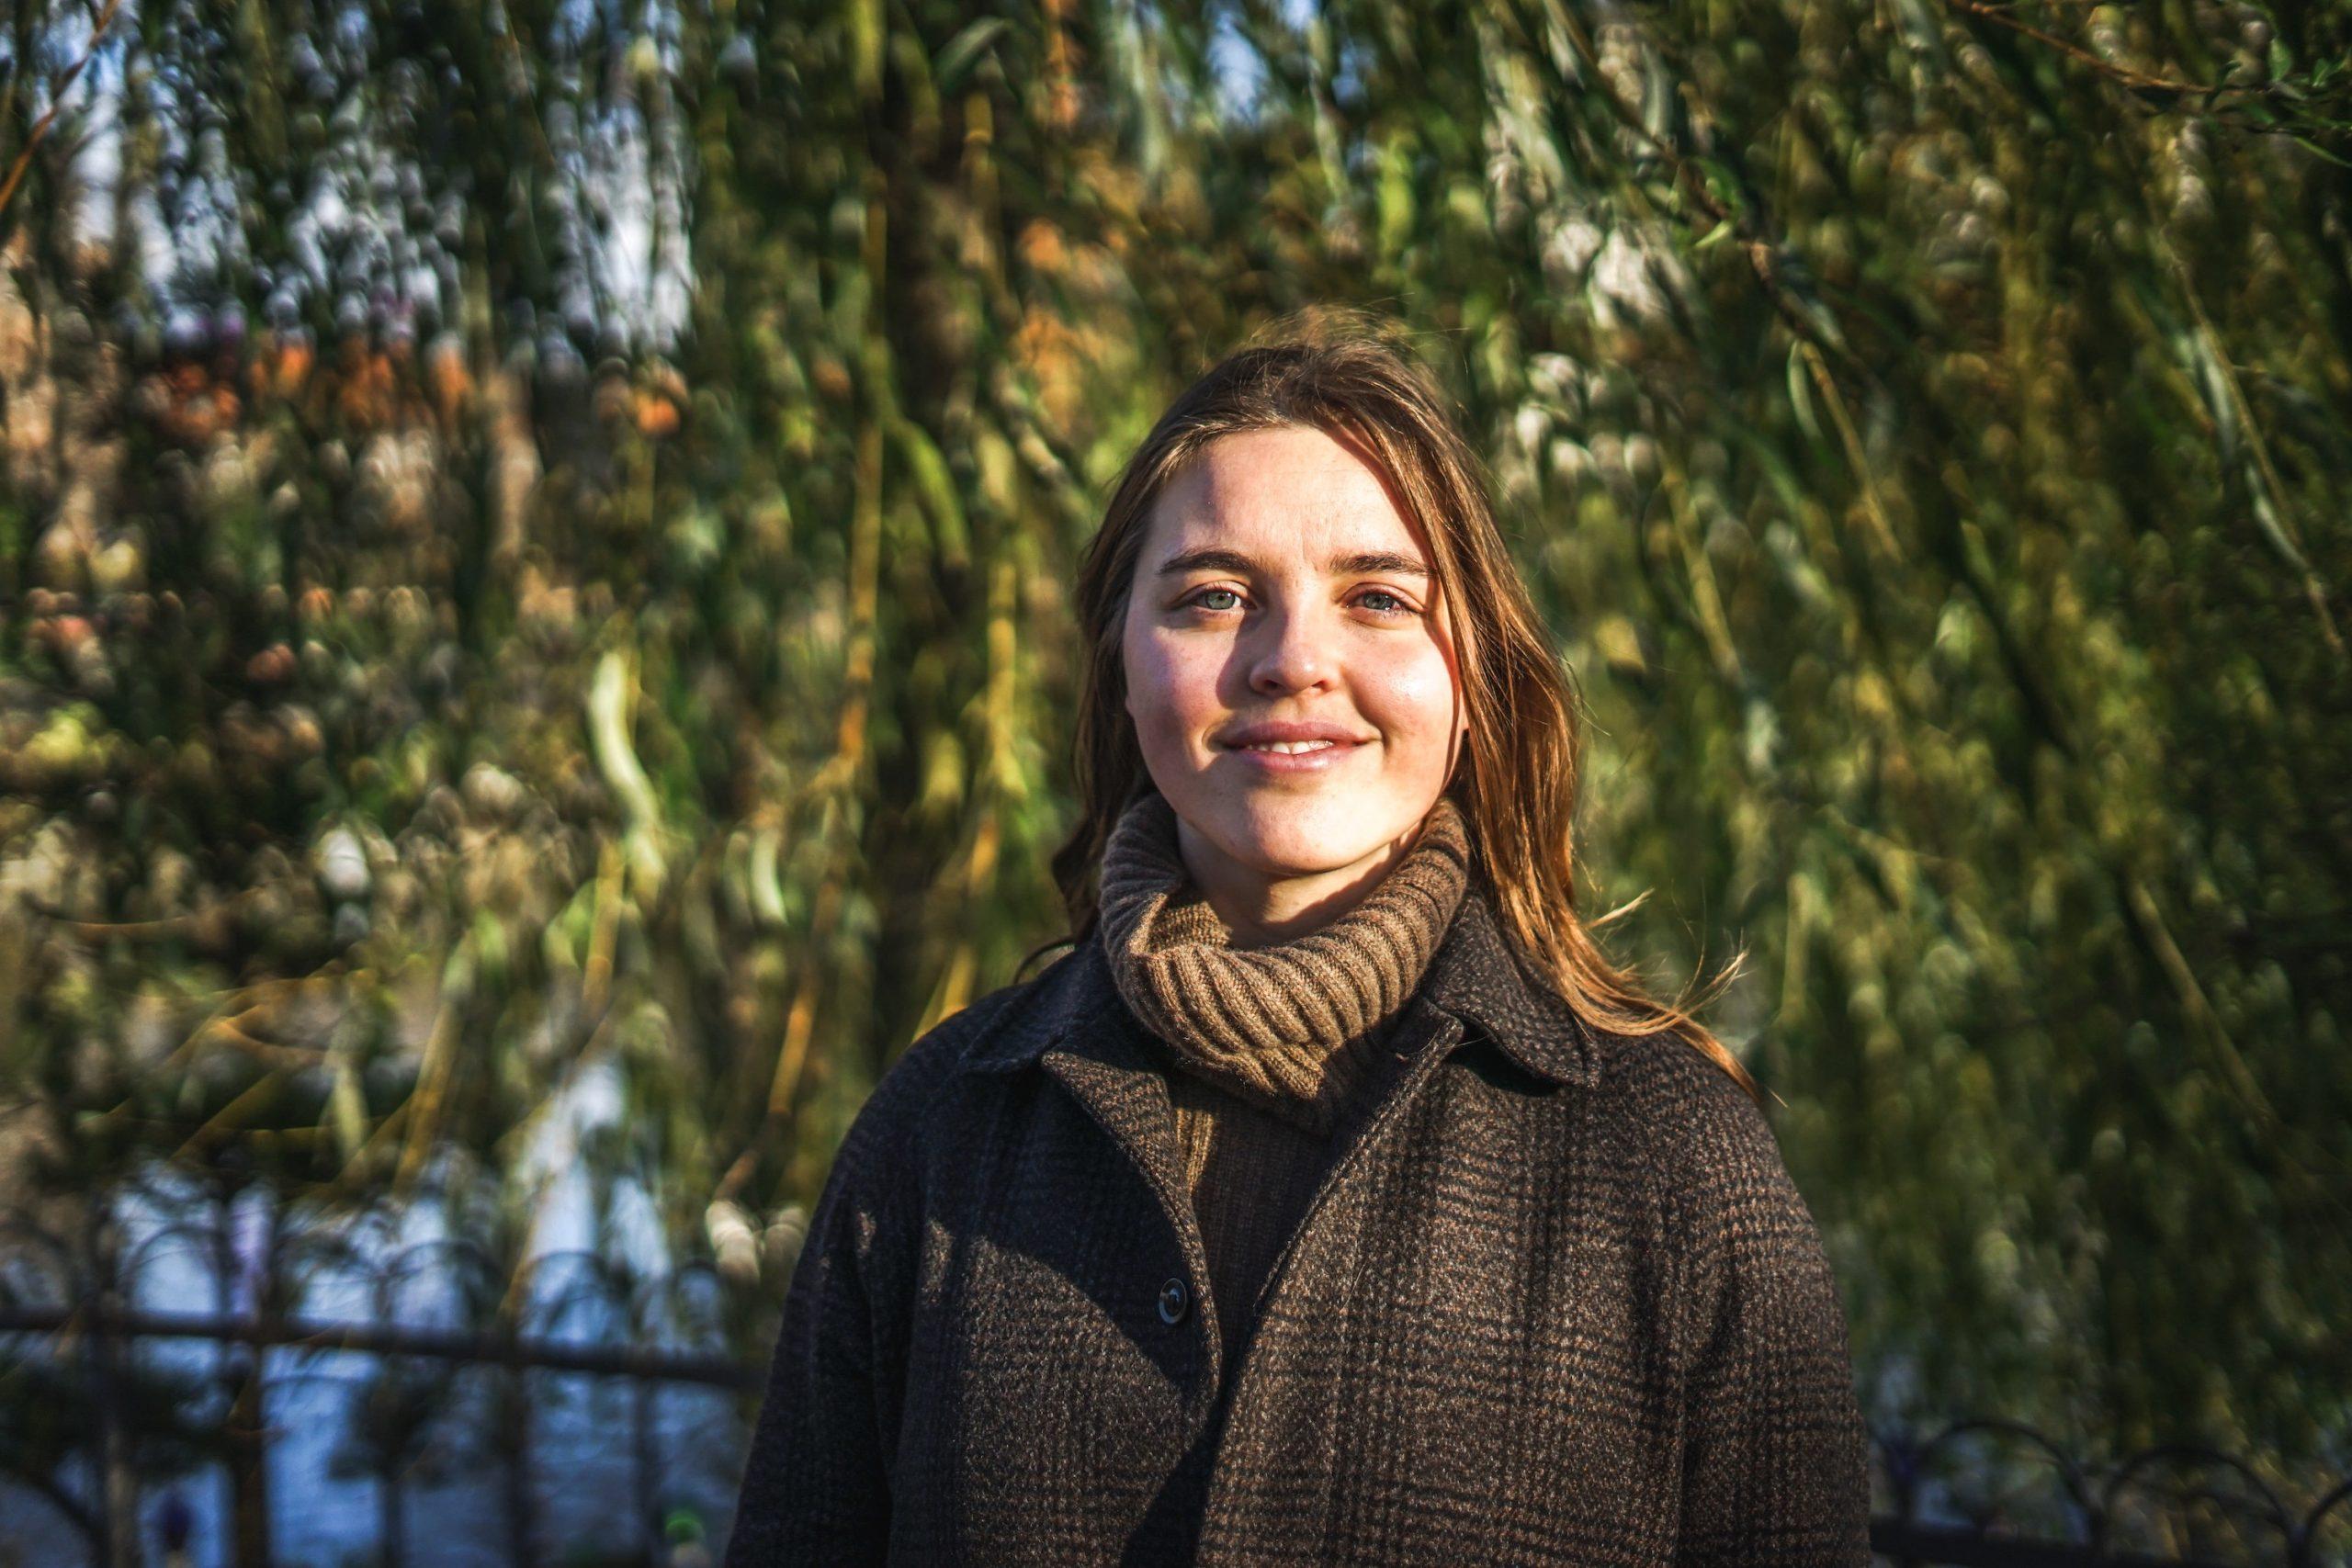 Dida Marie Hartvig Jørgensen tiltræder næste uge som bæredygtighedsspecialist i Tivoli. Pressefoto for Tivoli: Christoffer Sandager.